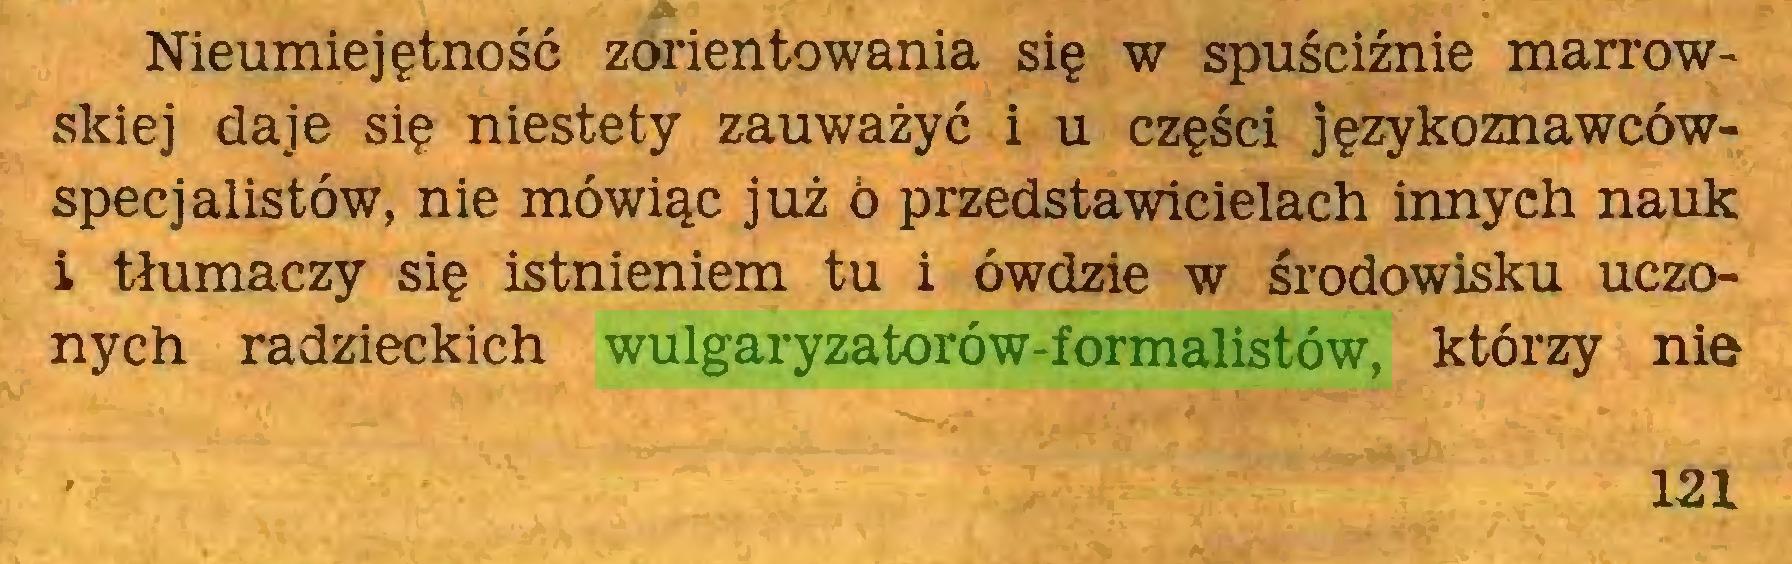 (...) Nieumiejętność zorientowania się w spuściźnie marrowskiej daje się niestety zauważyć i u części językoznawcówspecjalistów, nie mówiąc już o przedstawicielach innych nauk i tłumaczy się istnieniem tu i ówdzie w środowisku uczonych radzieckich wulgaryzatorów-formalistów, którzy nie 121...